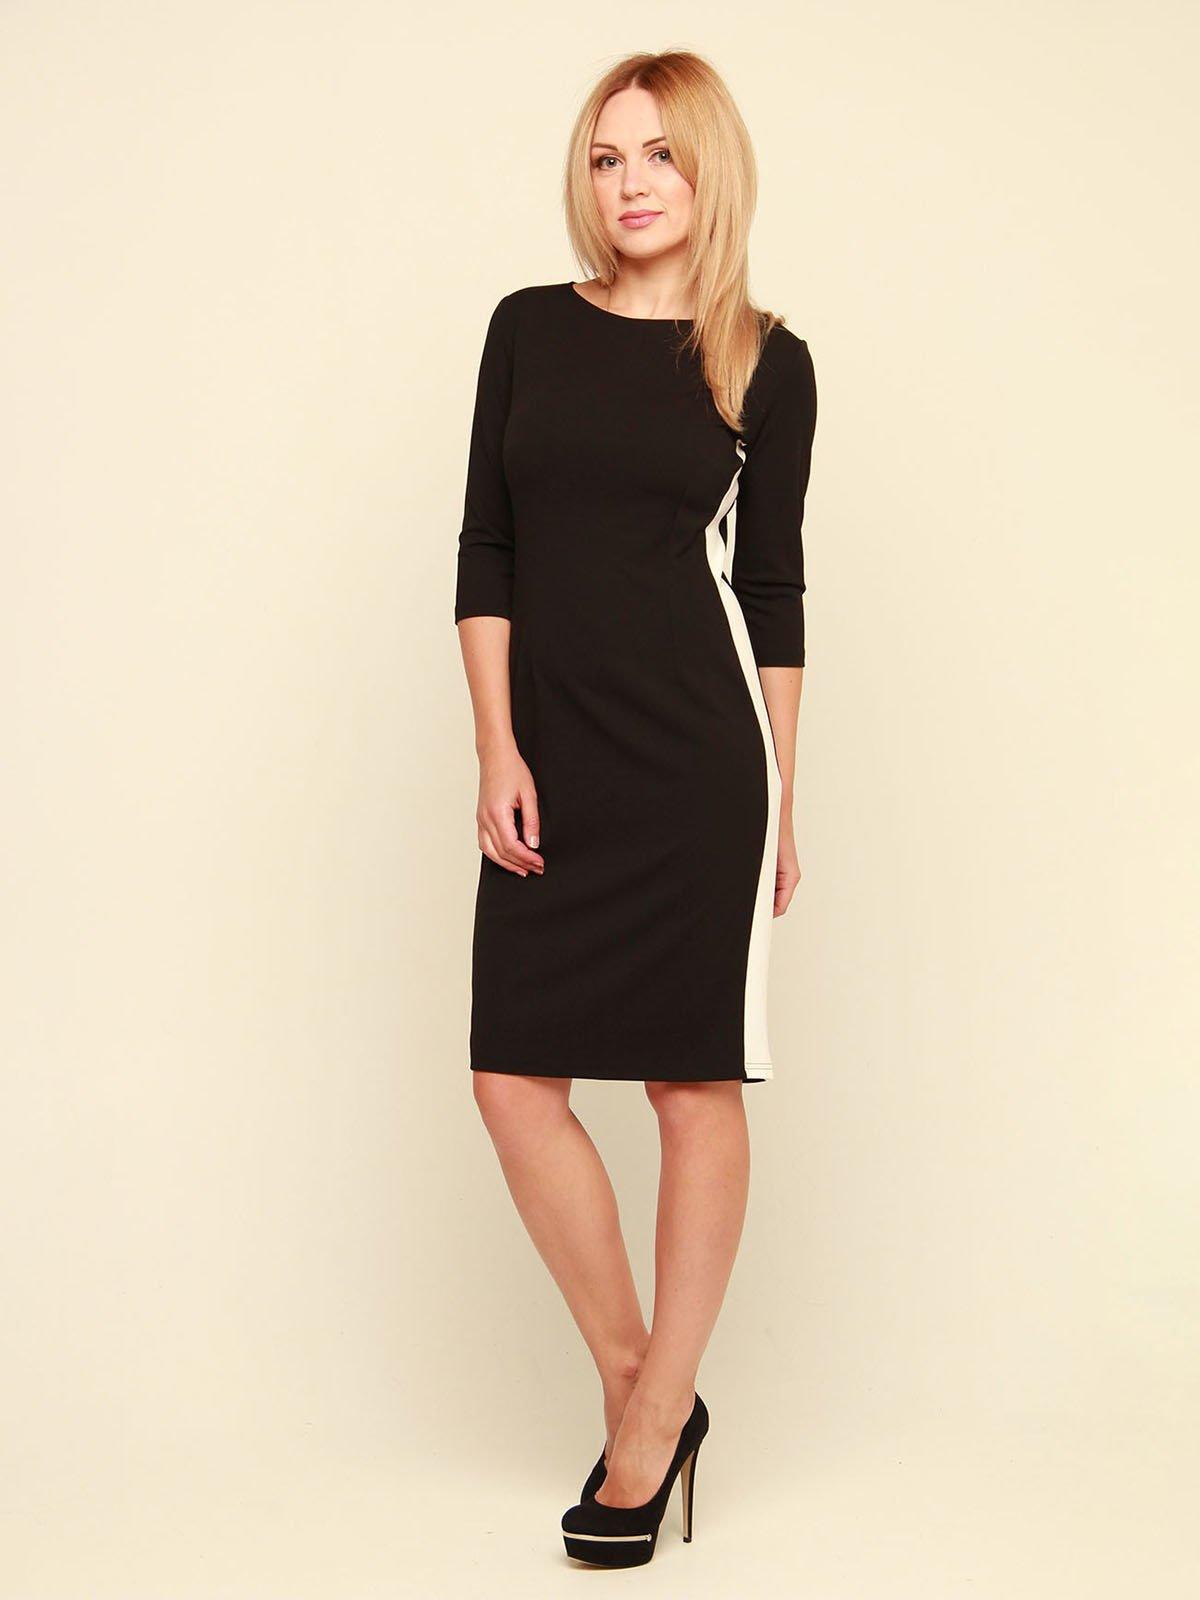 Сукня чорно-біла | 3710818 | фото 2